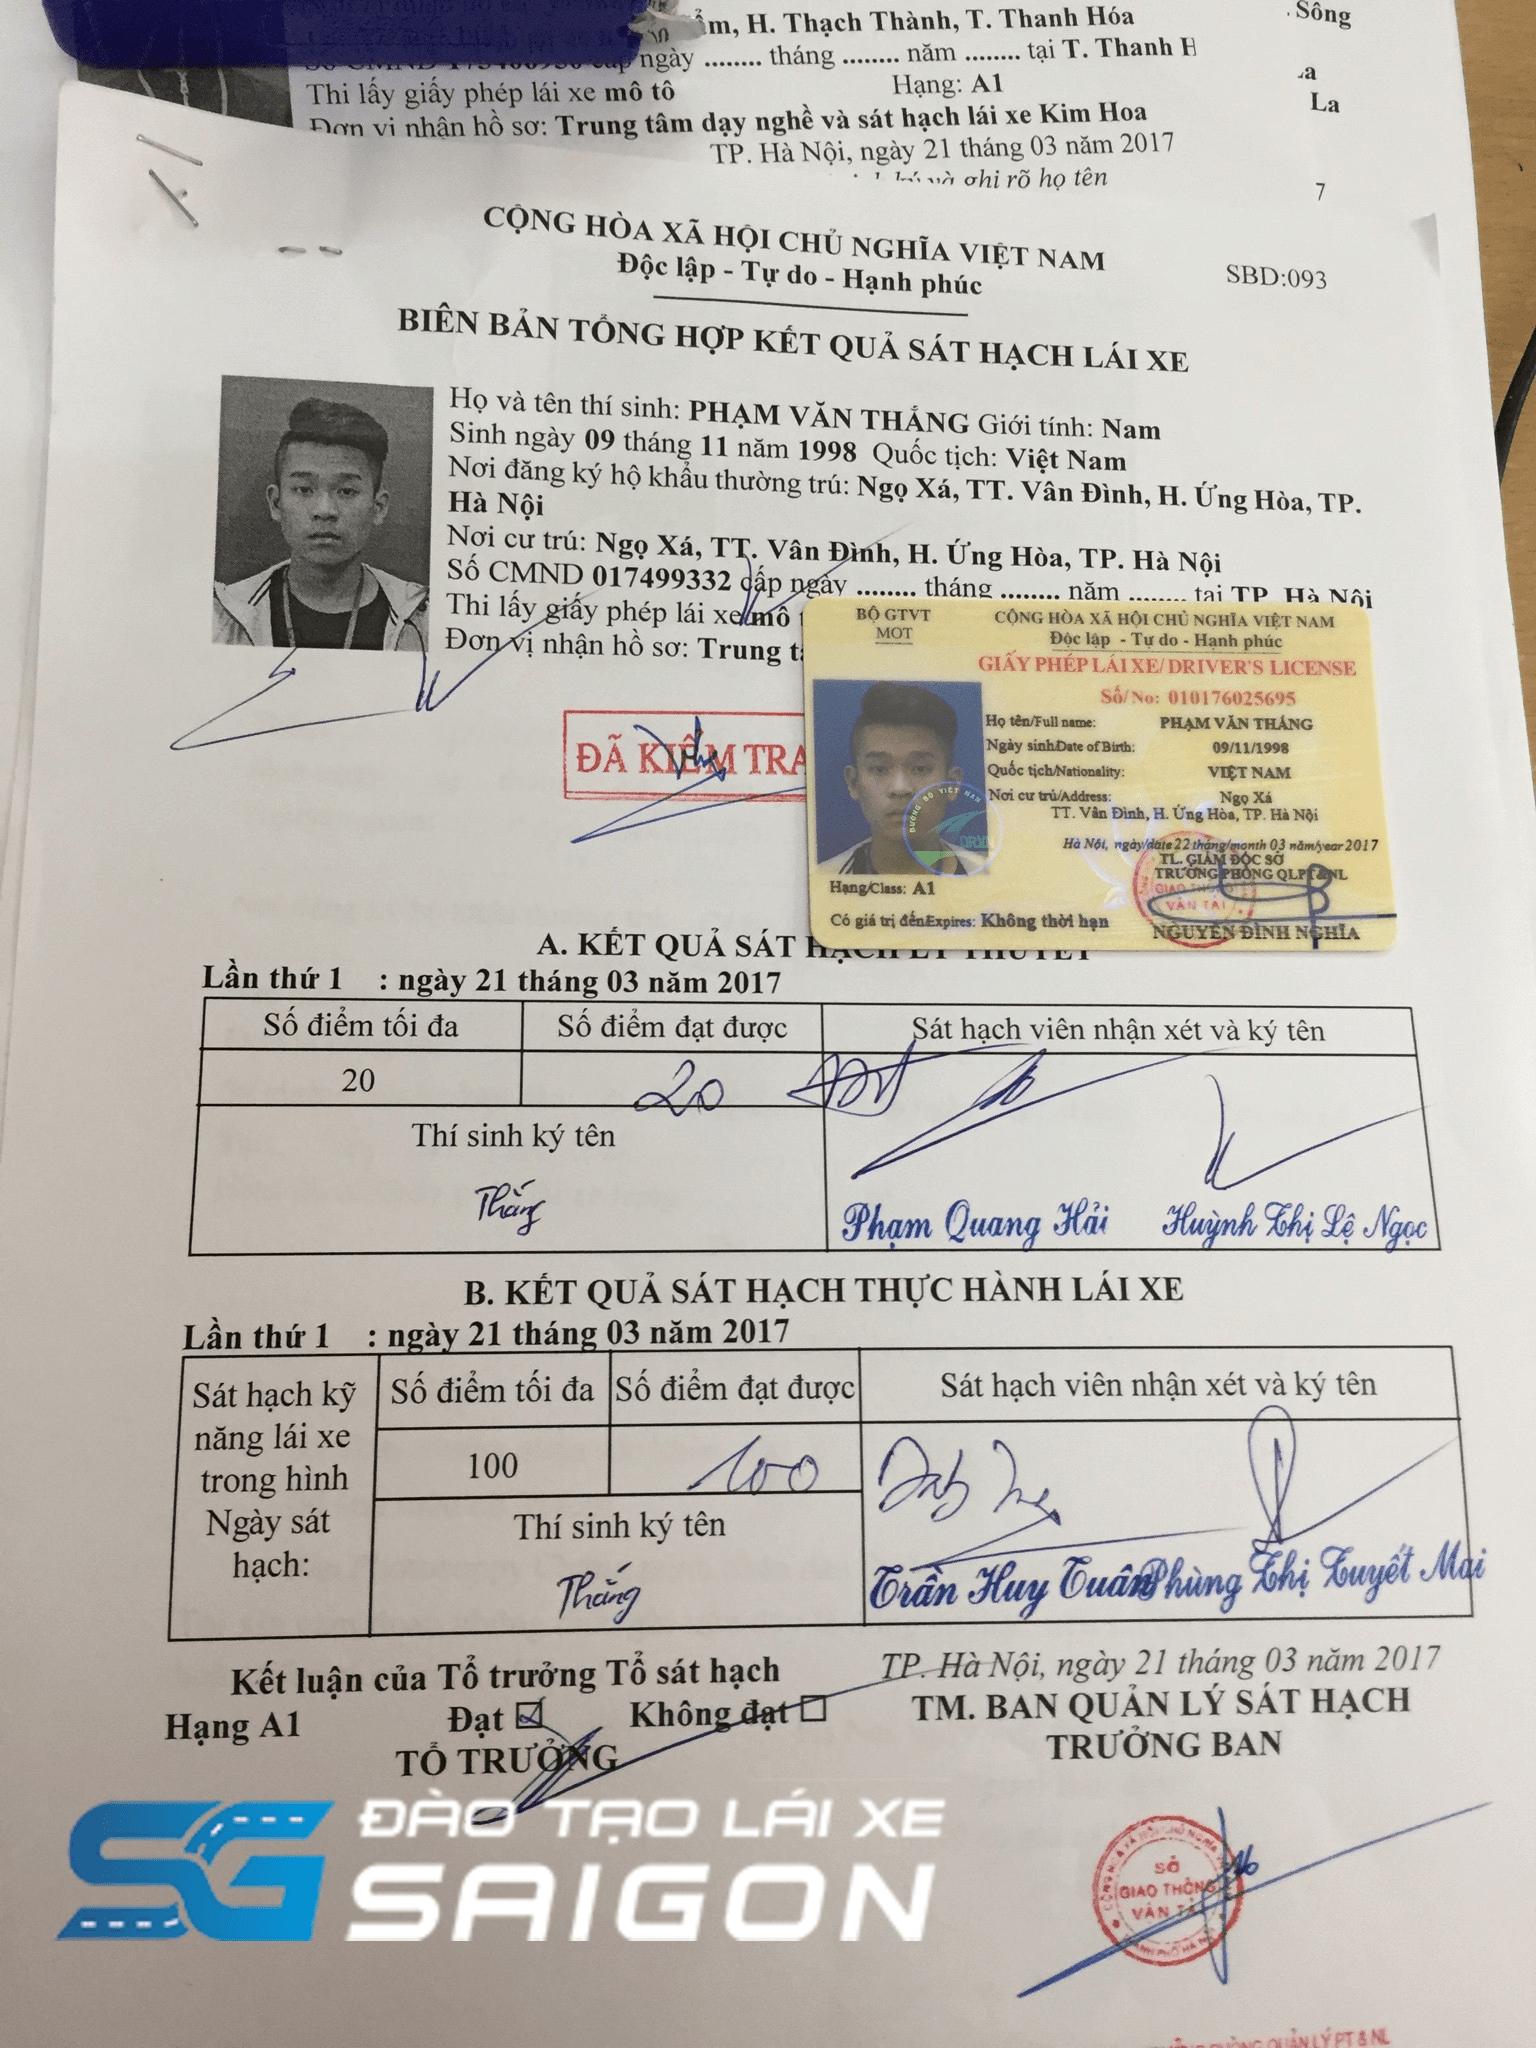 Mất bằng lái xe A1 không còn hồ sơ gốc sẽ không được cấp giấy phép lái xe trở lại